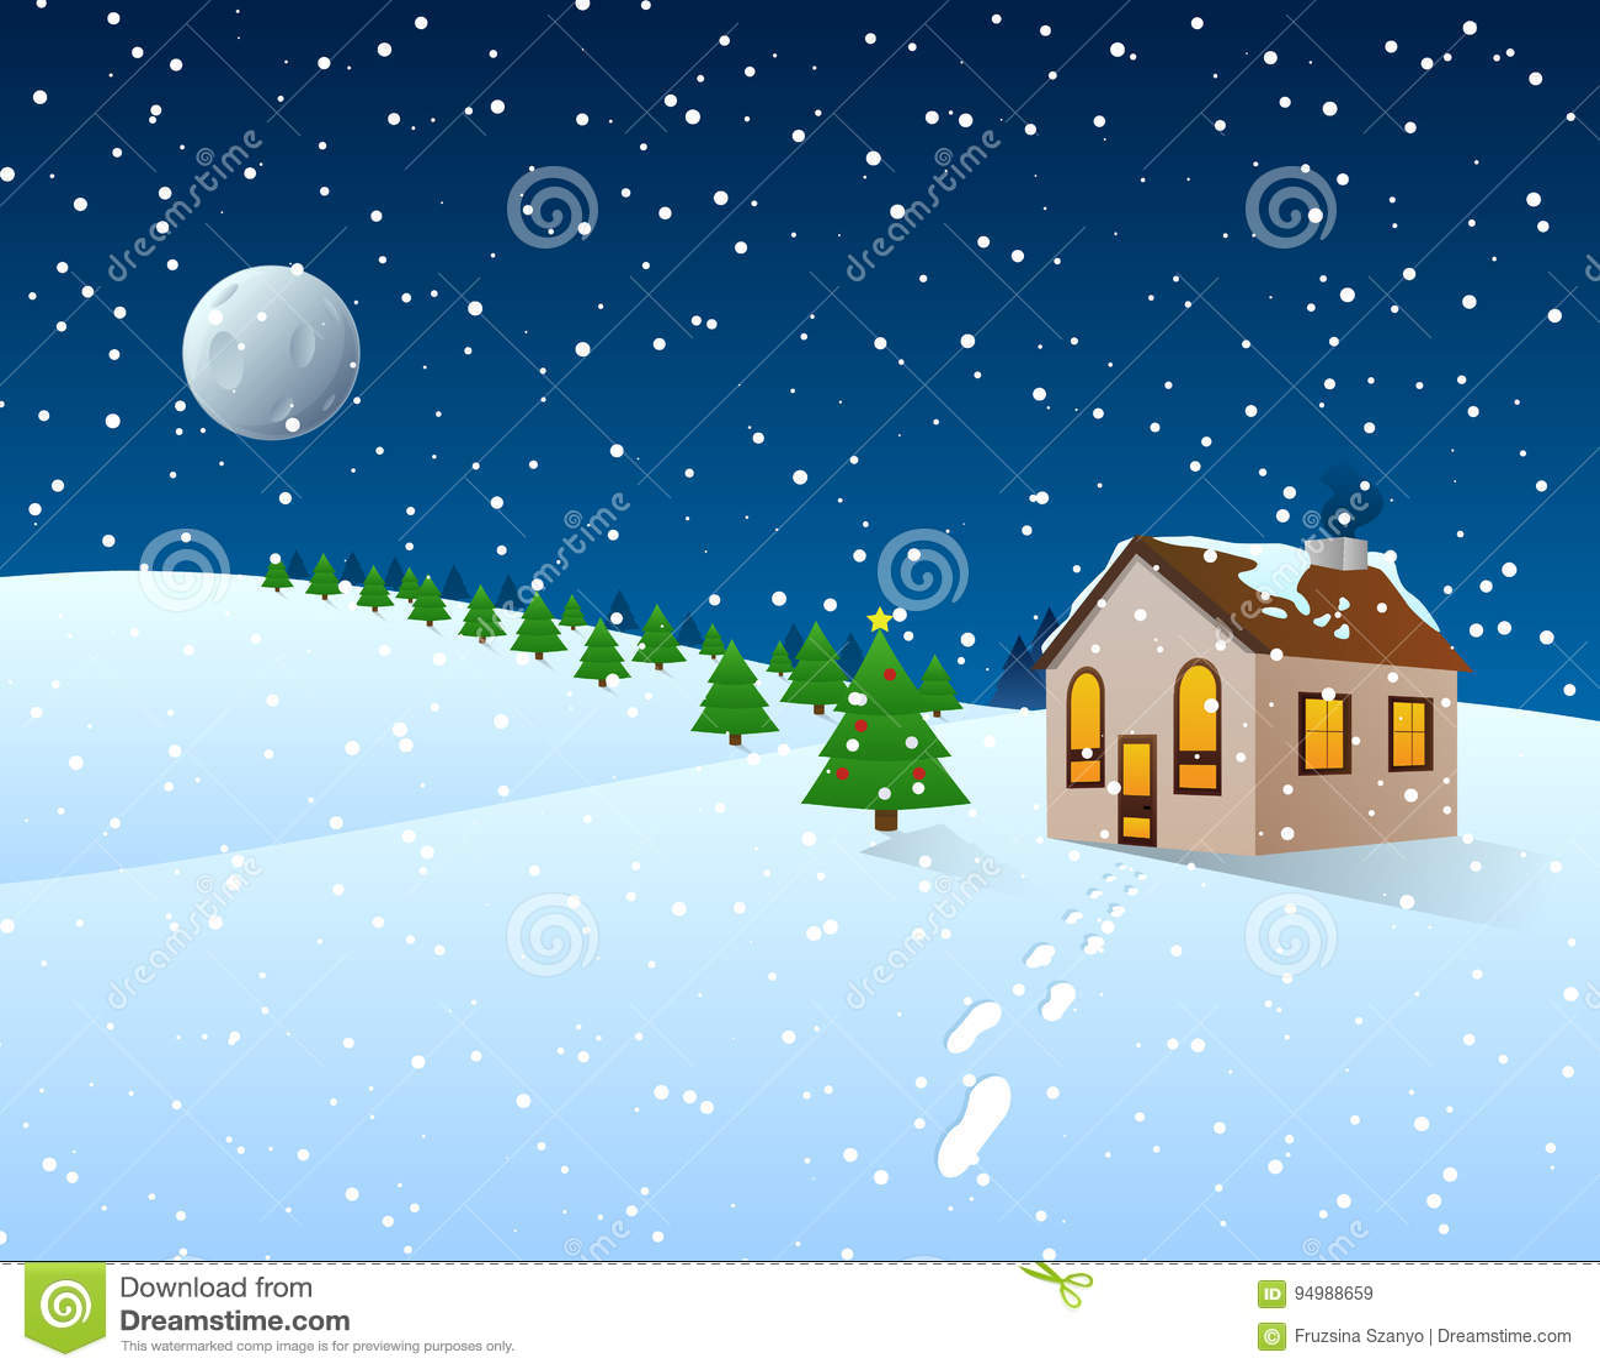 Weihnachtskarikatur Clipart - Winter-Landschaft Stock Abbildung ...